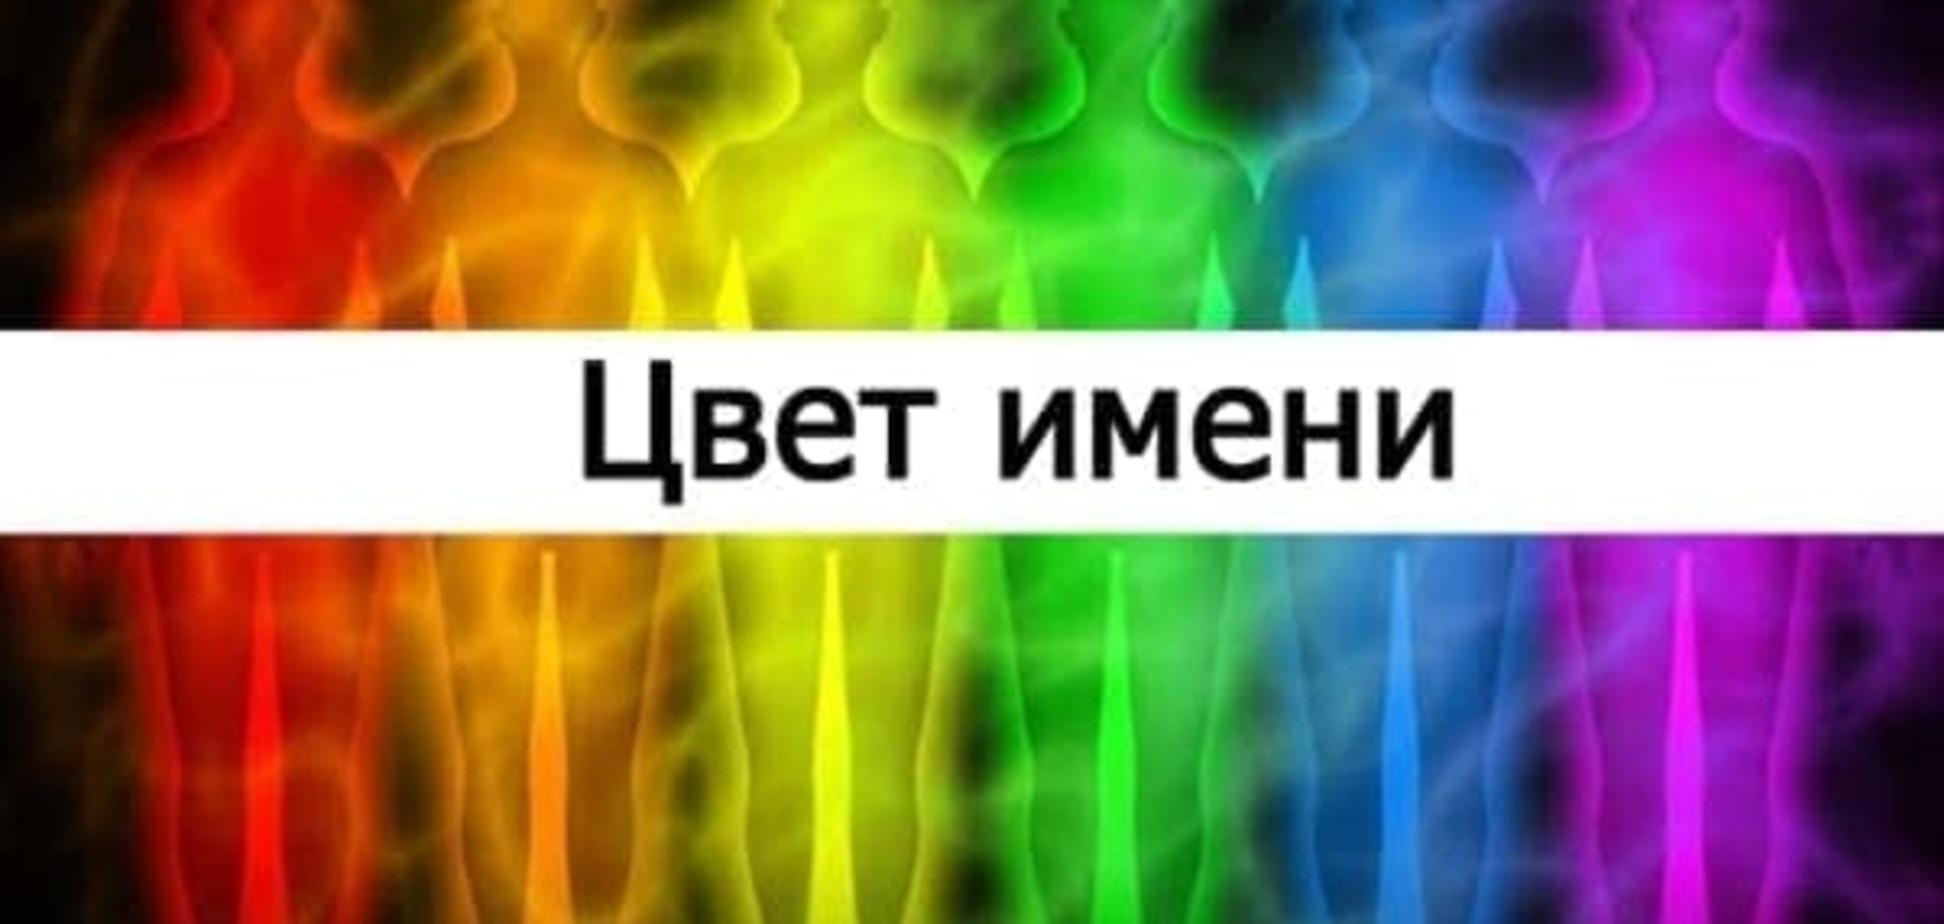 Цвет твоего имени влияет на характер: проверь себя